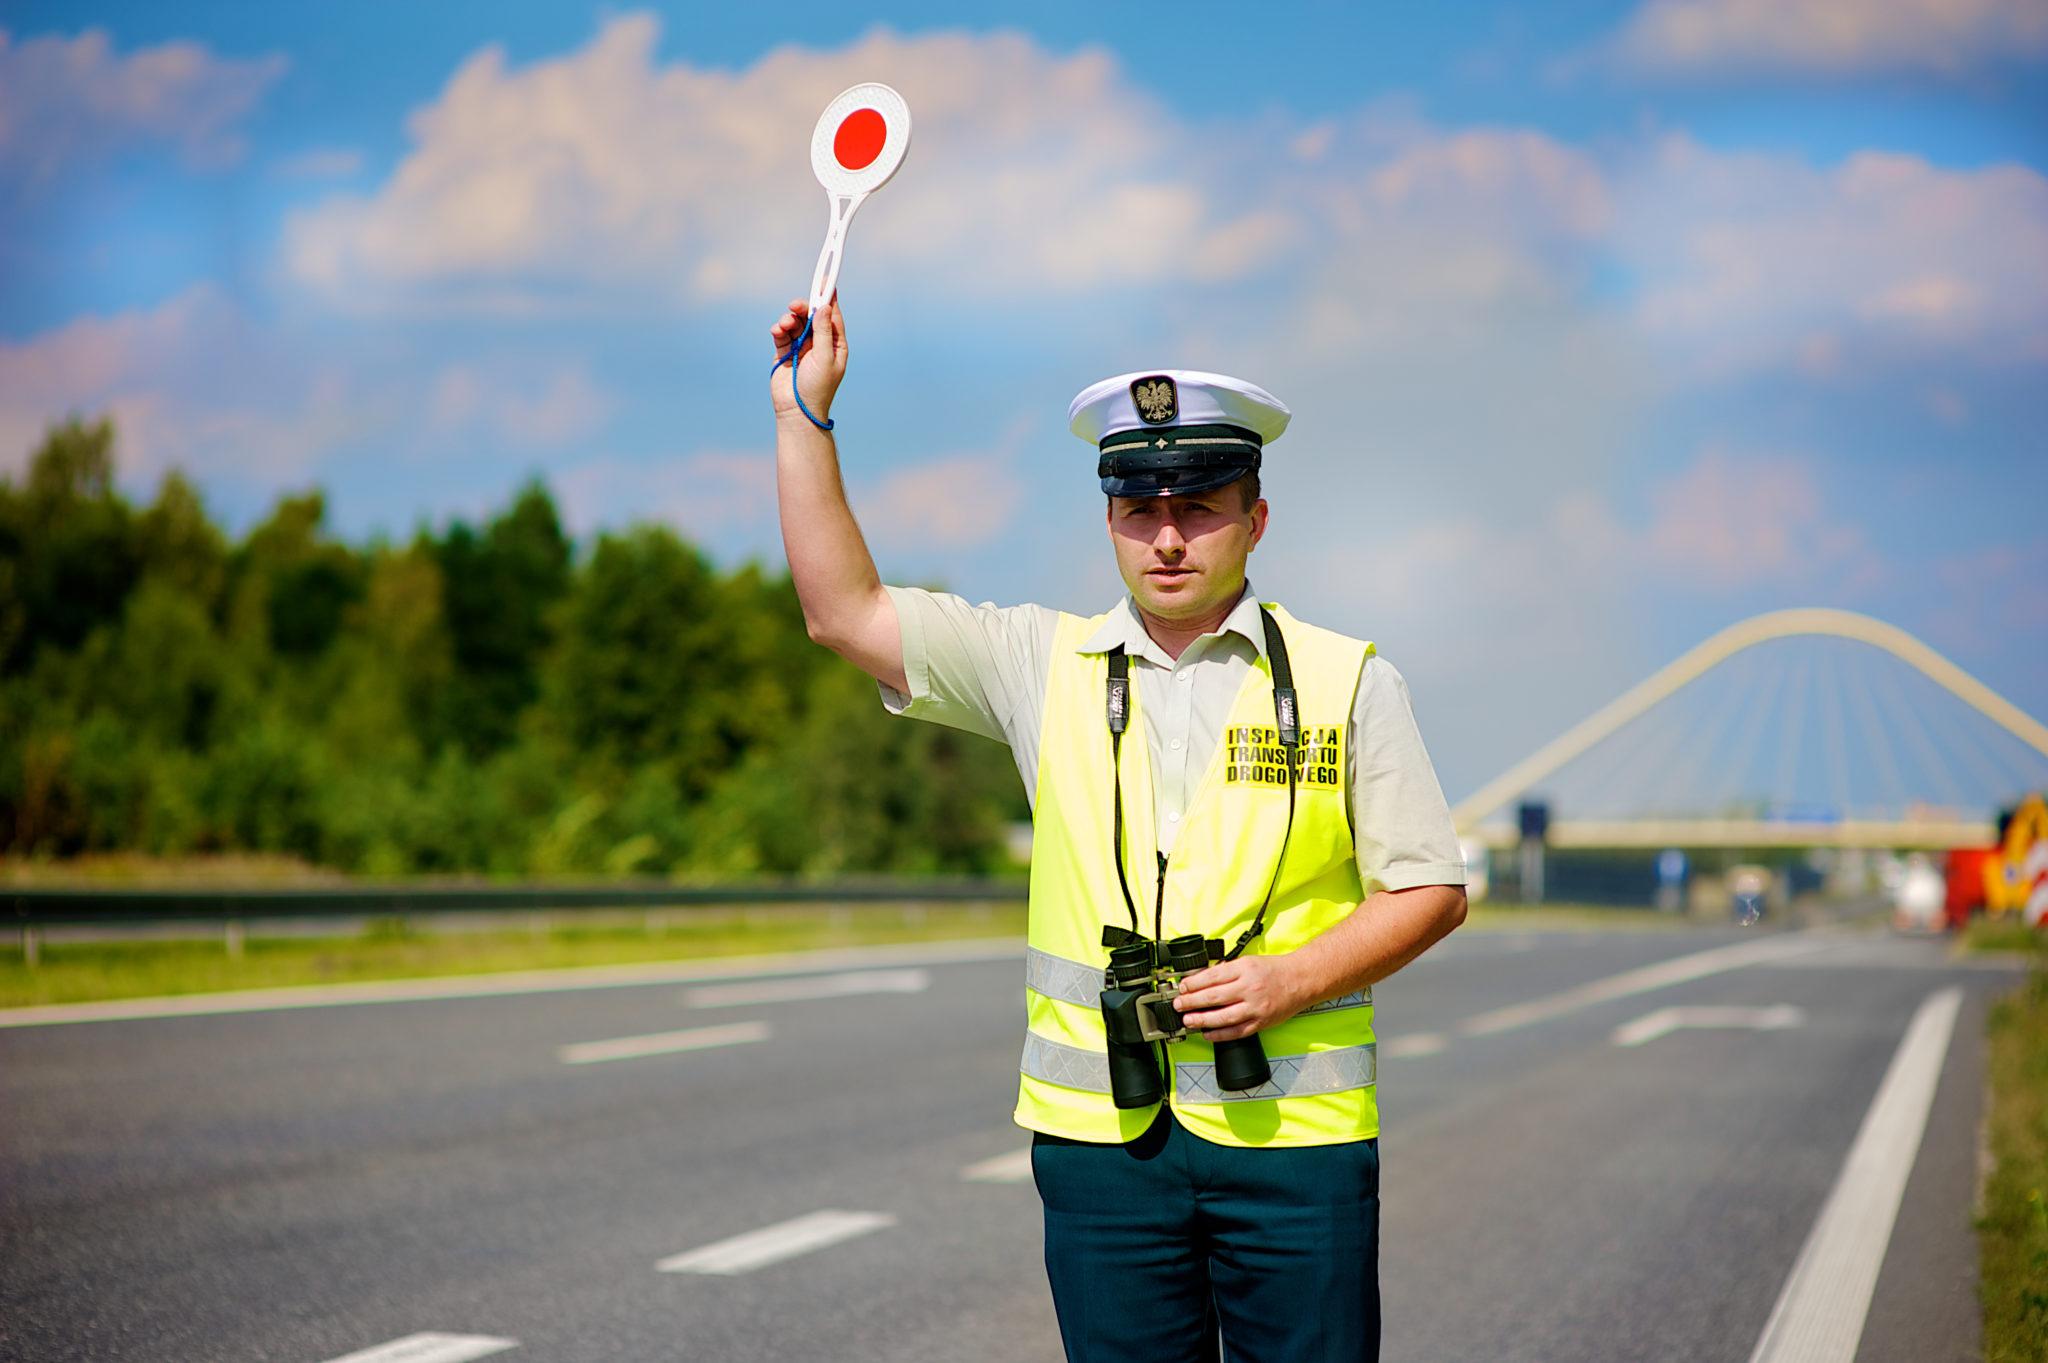 Inspektor daje sygnal do zatrzymania pojazdu